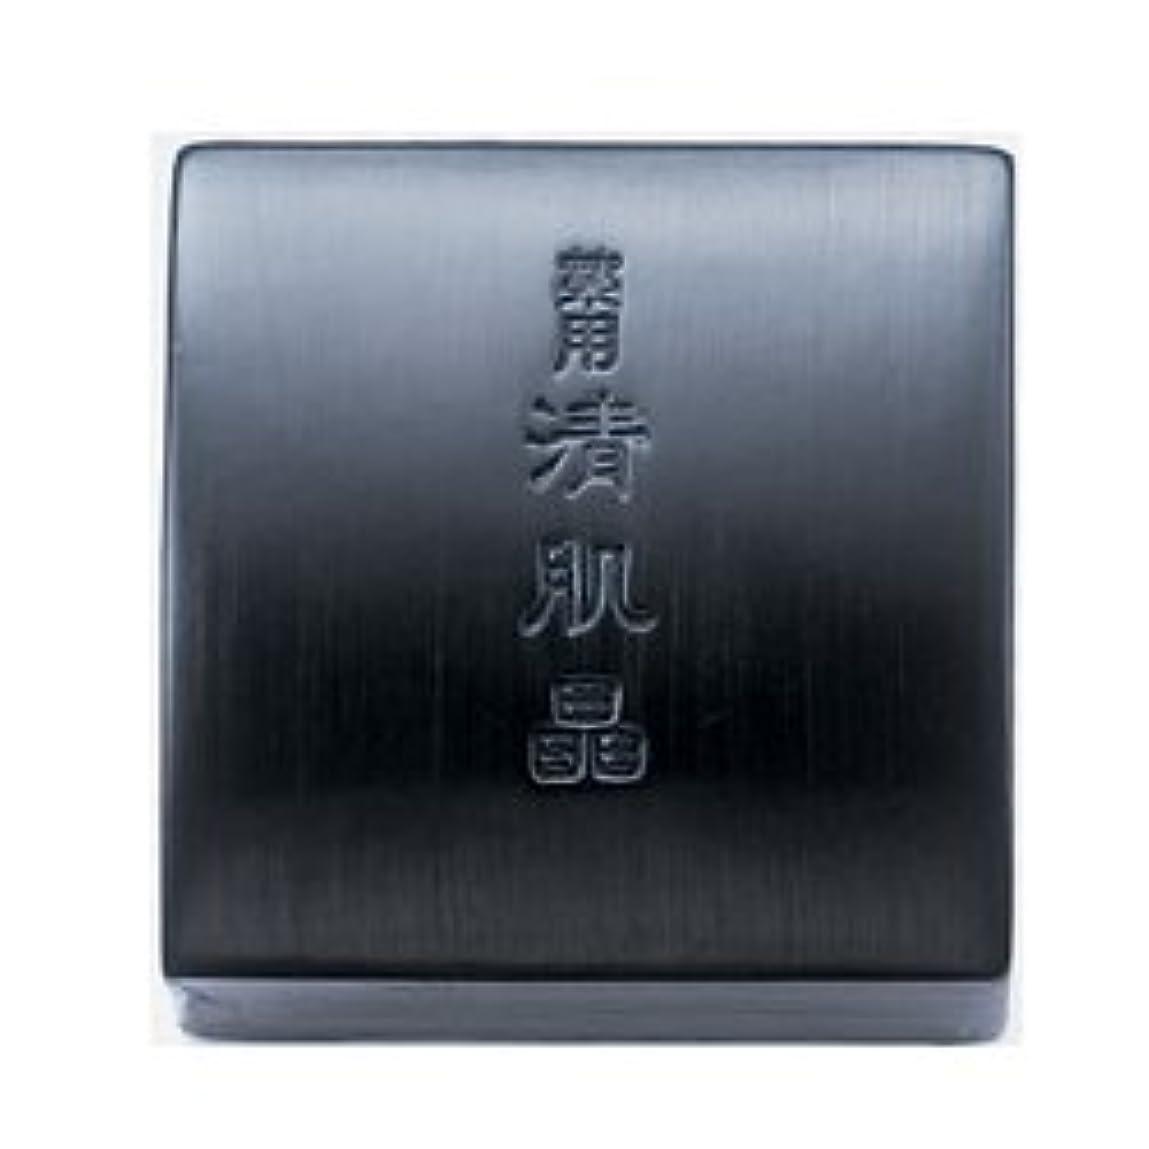 繊細ベルベットスピリチュアルコーセー 薬用 清肌晶 洗顔 石けん 120g アウトレット